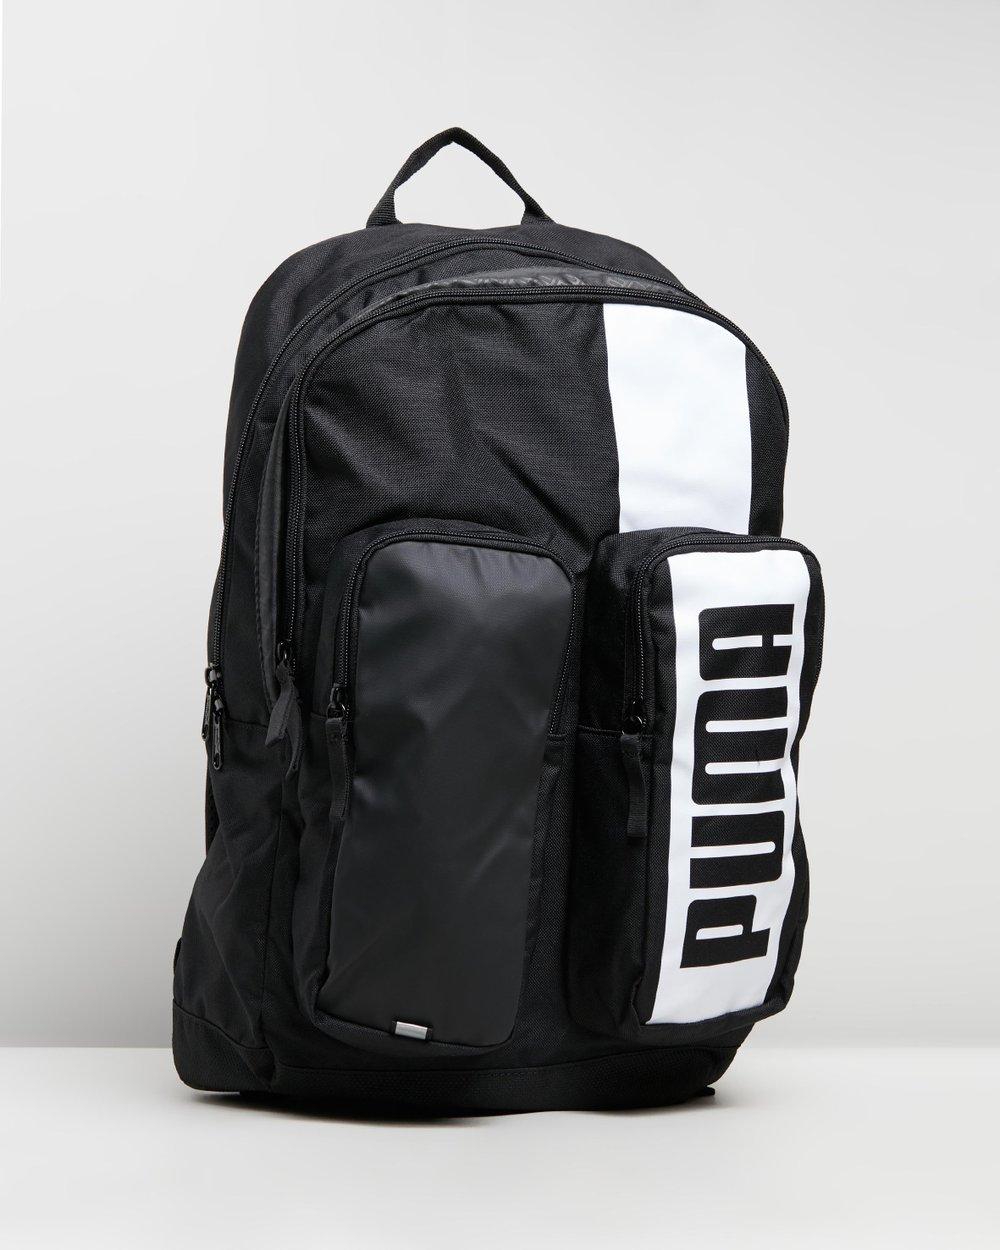 e4043b358303 Deck Backpack II by Puma Online